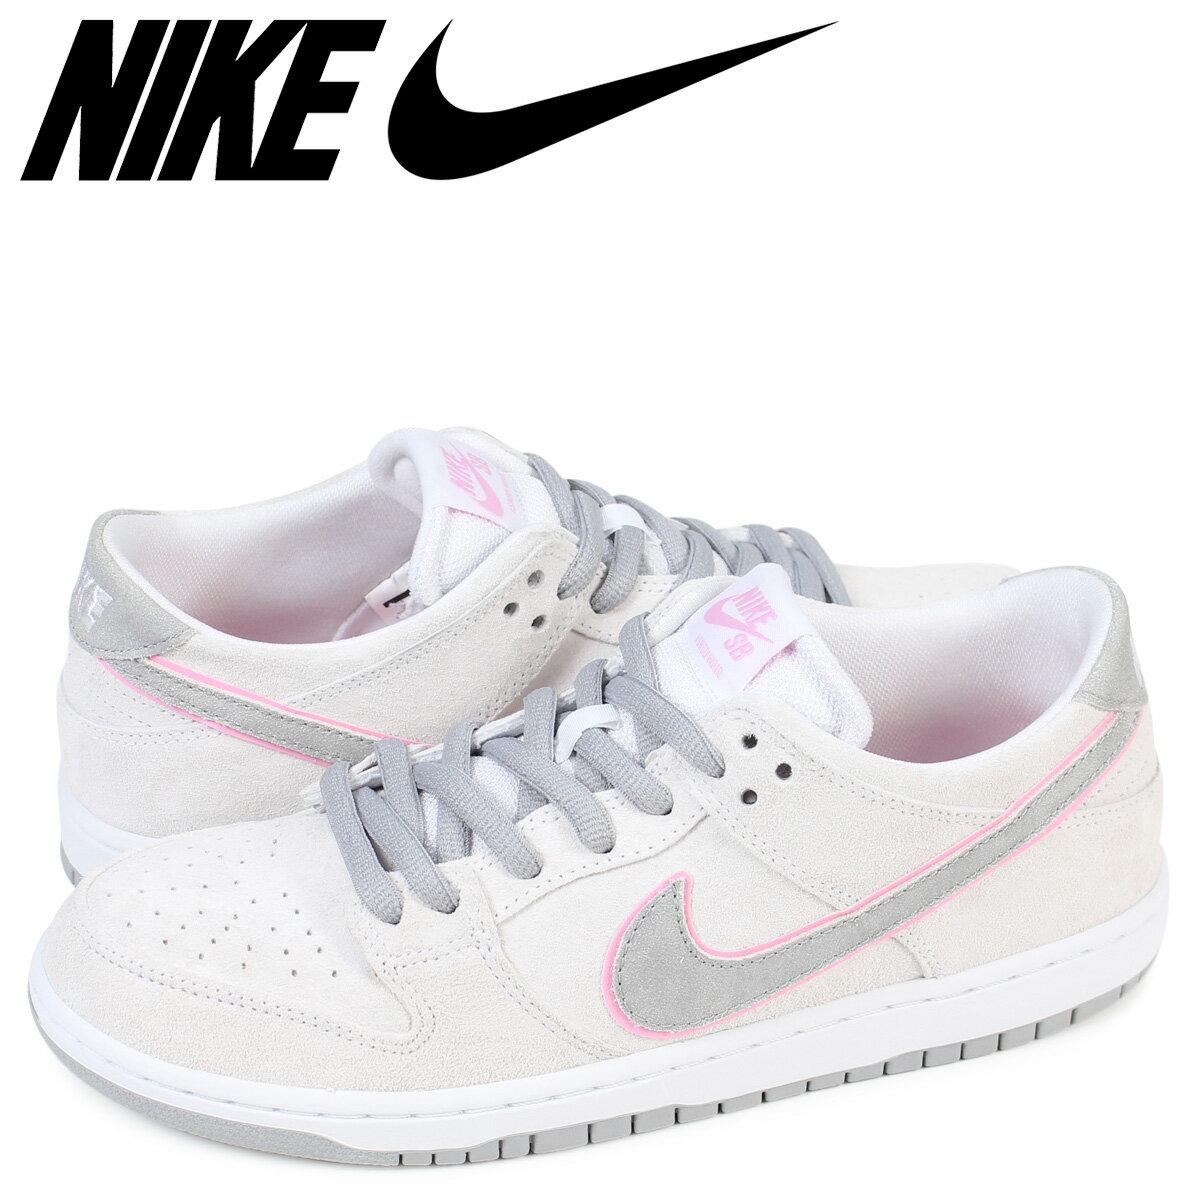 レディース靴, スニーカー NIKE SB ZOOM DUNK LOW PRO IW 895969-160 zzi 1711